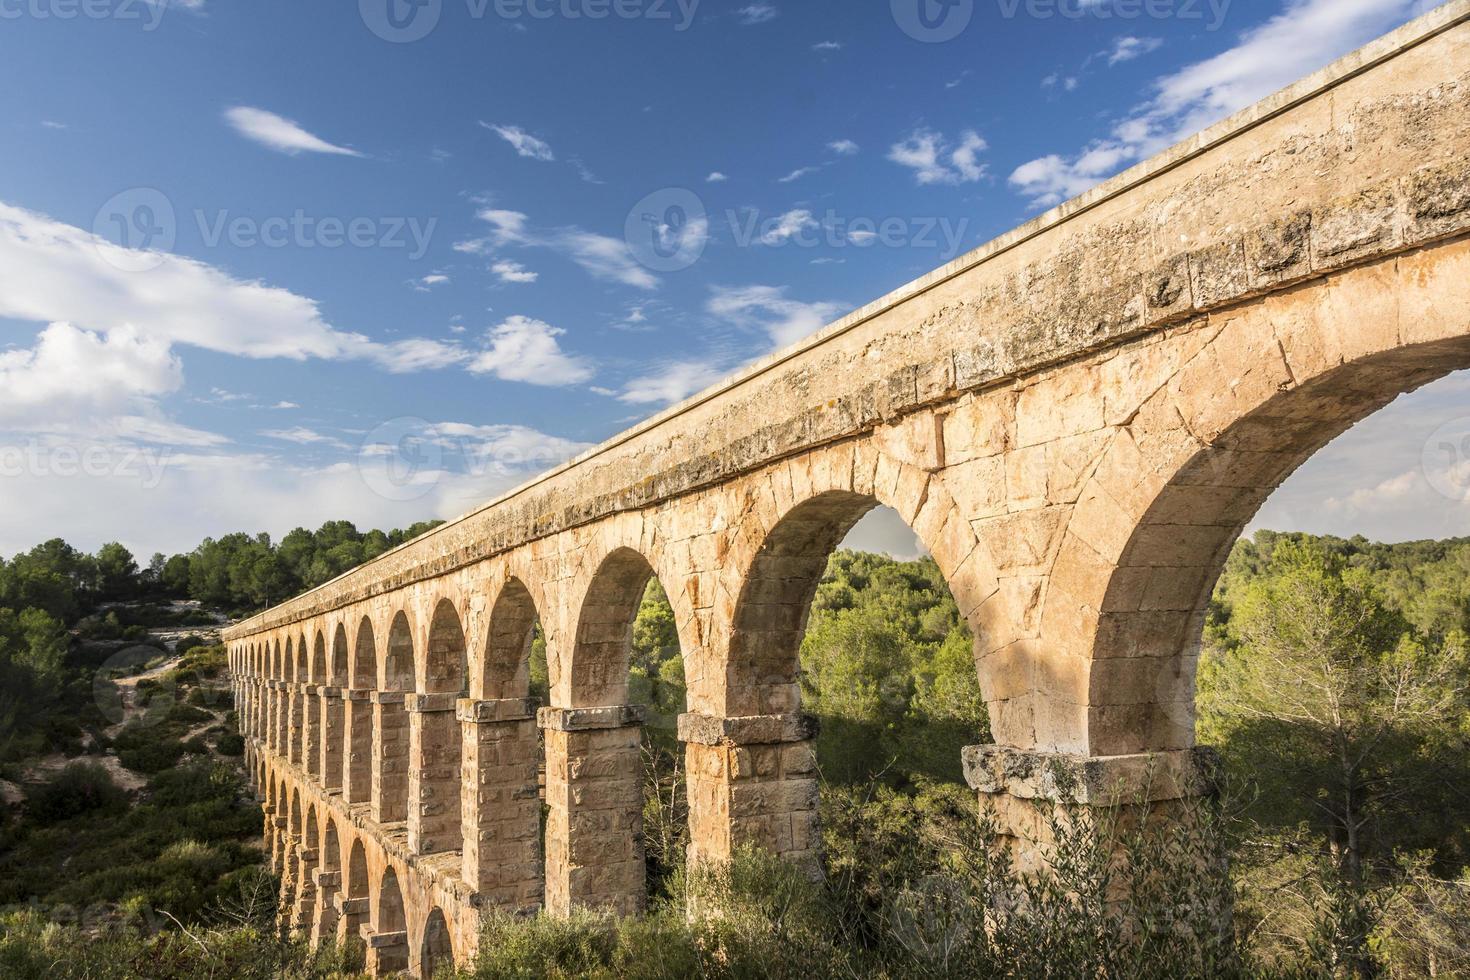 Romeins aquaduct pont del diable in tarragona foto